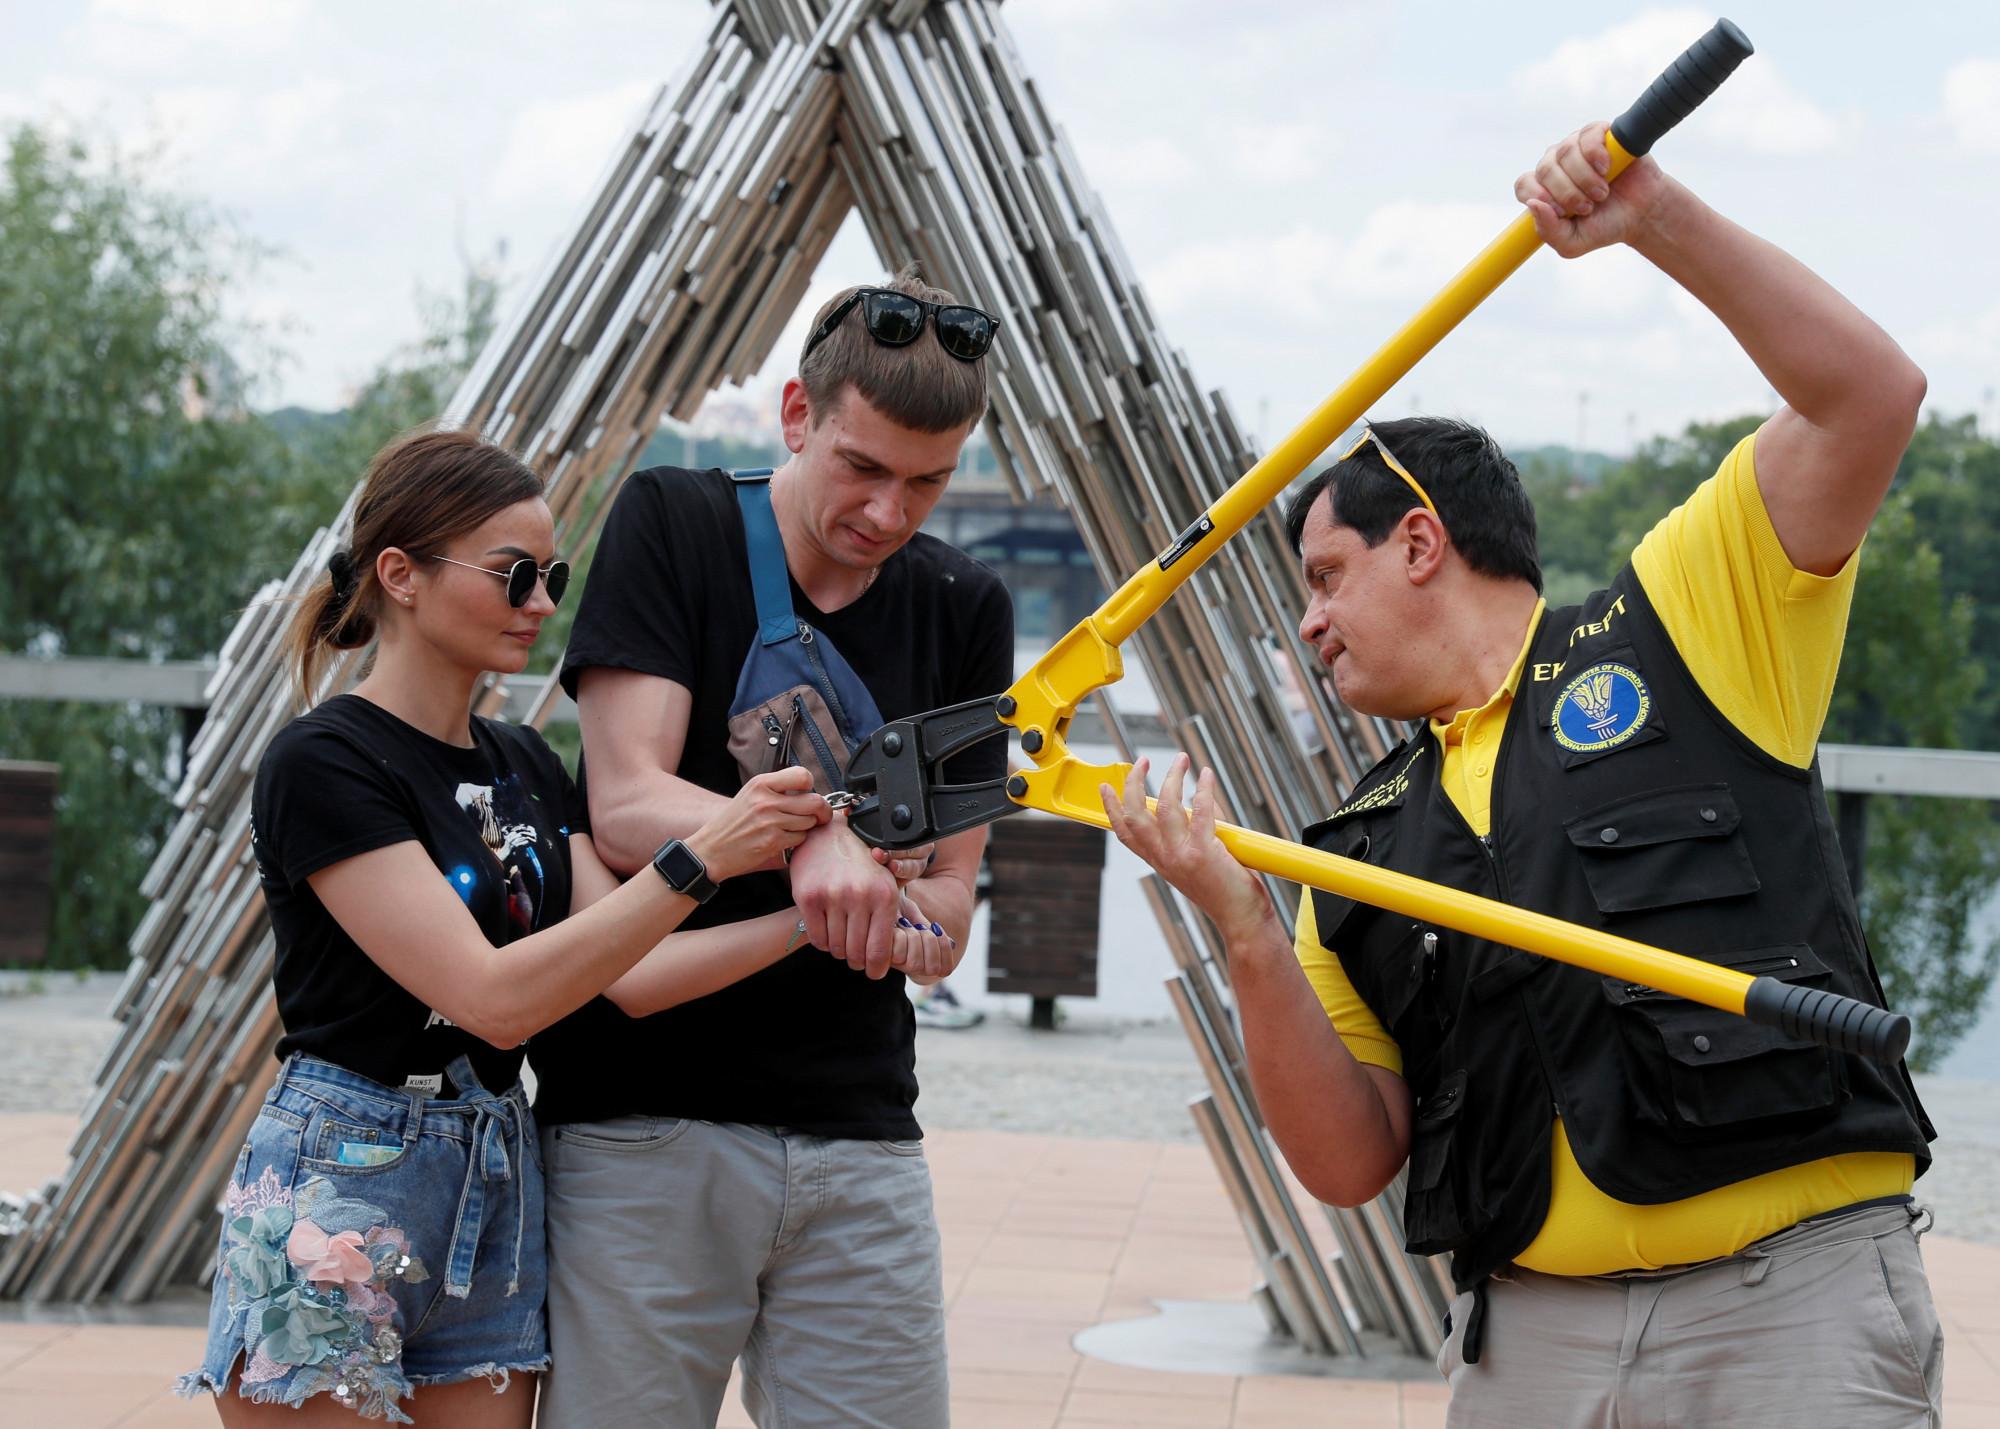 Sau 123 ngày bên nhau cùng chiếc còng trên tay, cặp đôi này đã quyết định phá còng để giải thoát cho nhau - Ảnh: Gleb Garanich /Reuters